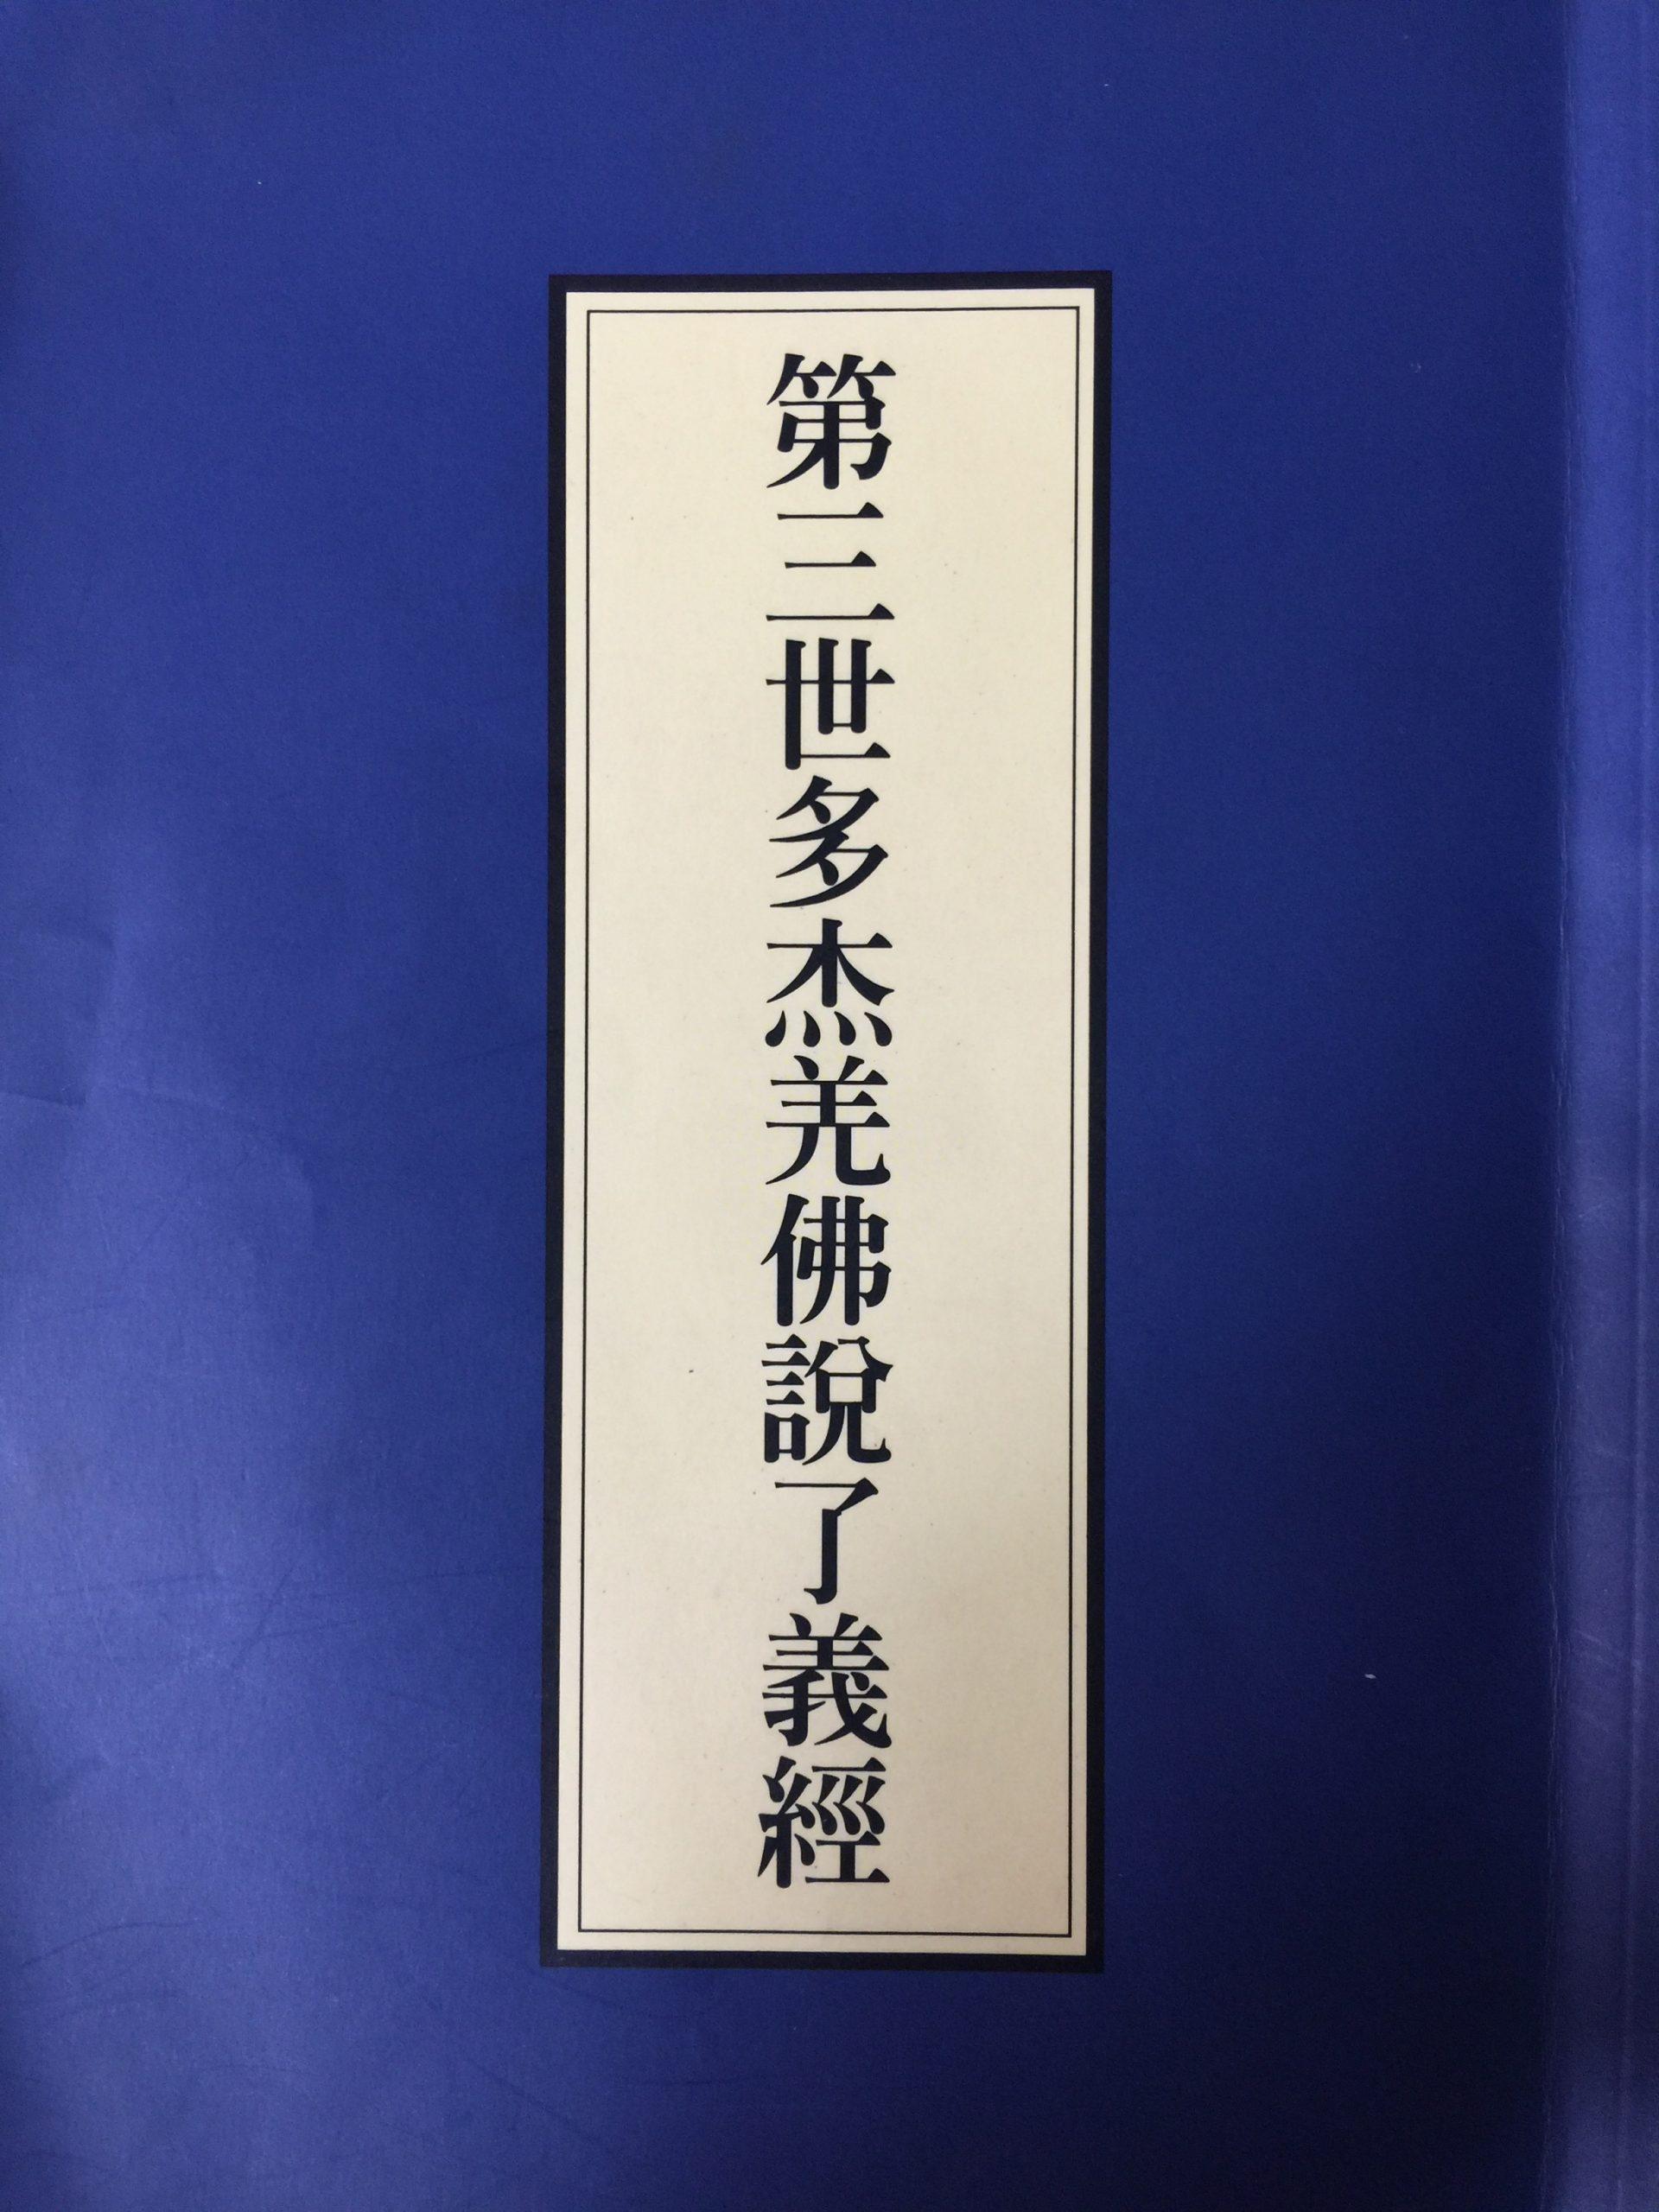 第三世多杰羌佛辦公室 第四十號公告 (12/04/2013)